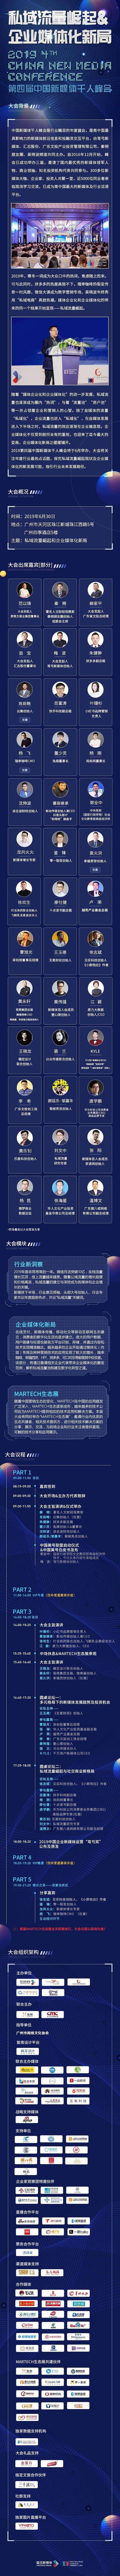 峰会长图(2019-6-19)去掉互动吧.jpg